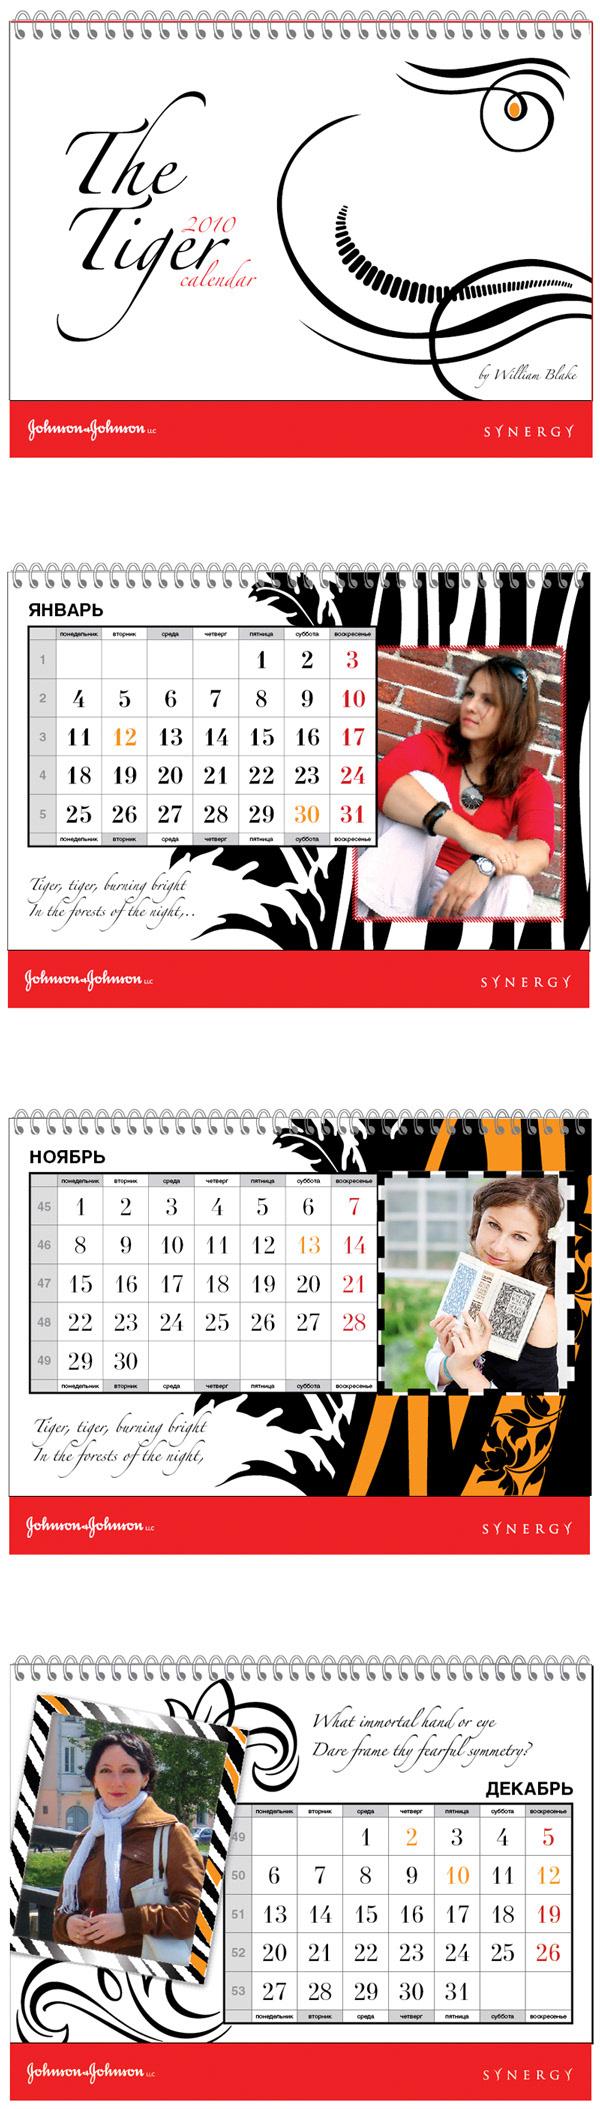 Настенный Календарь Projects | Photos, Videos, Logos Regarding University Of Rhosde Island Calendar 20 21